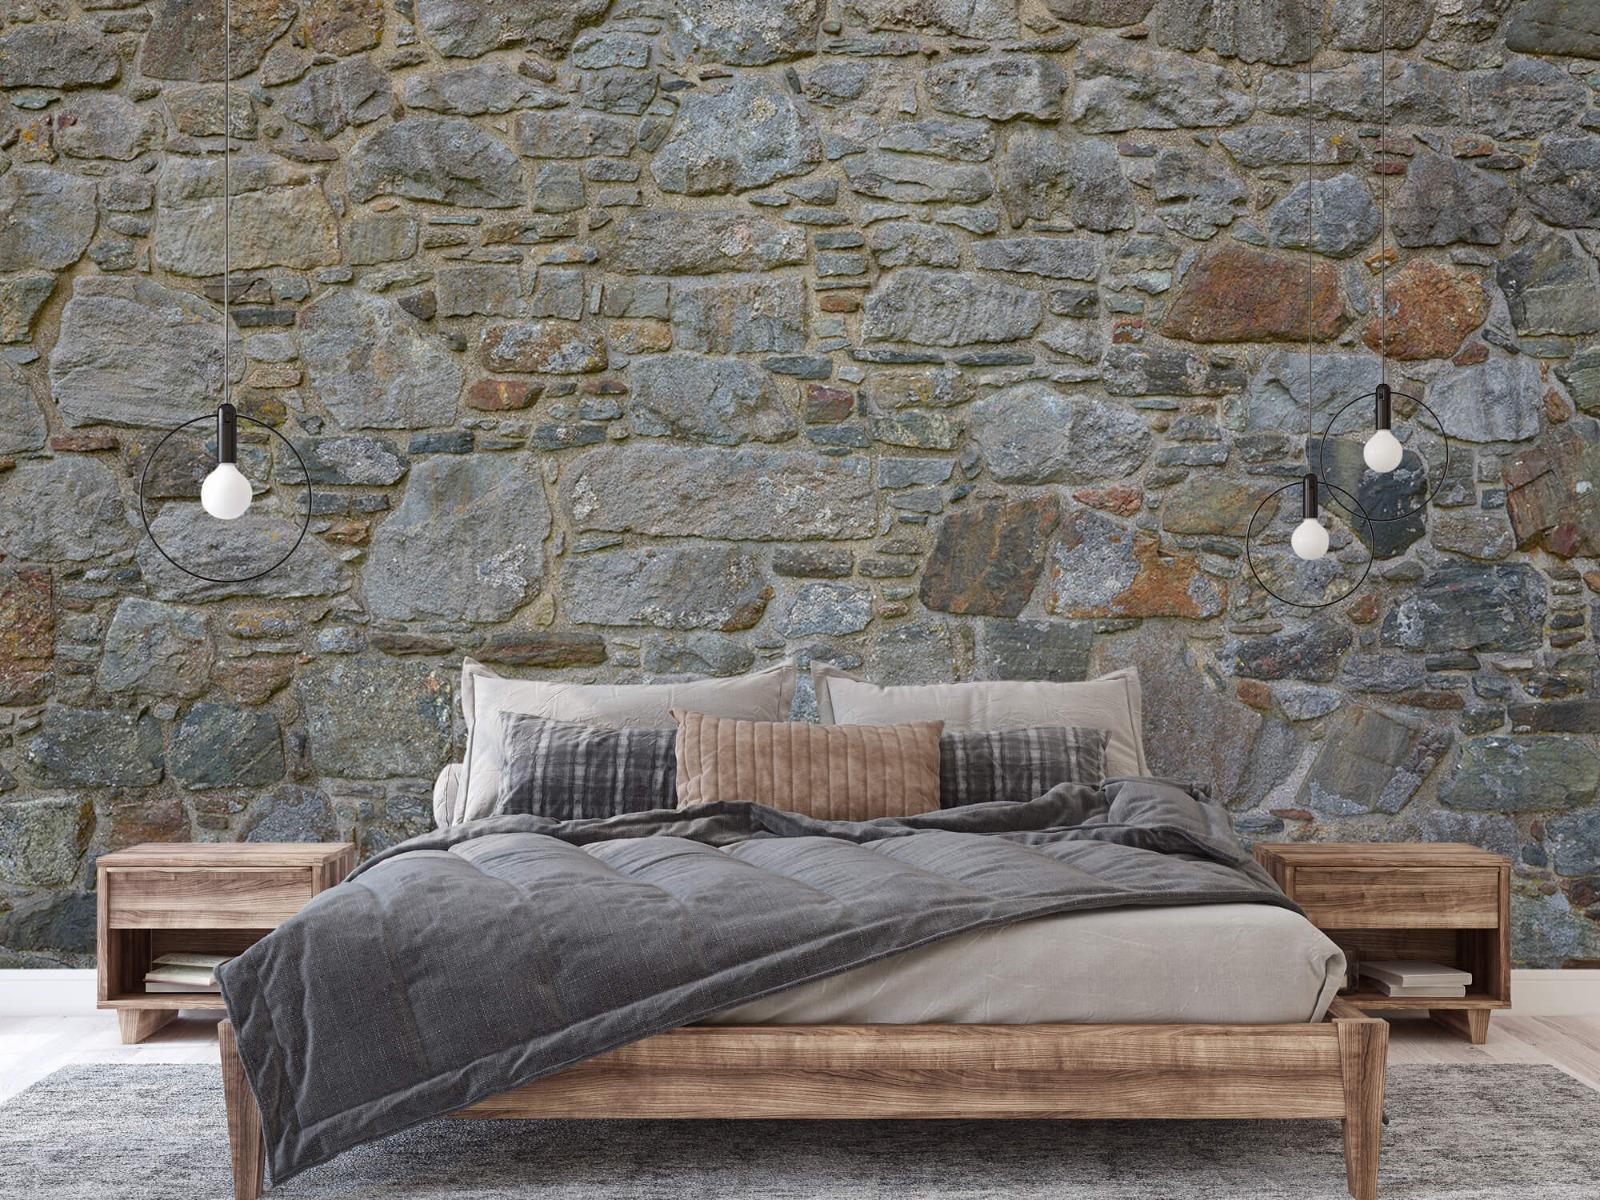 Papier peint en pierre - Mur de pierre médiéval - Chambre à coucher 2